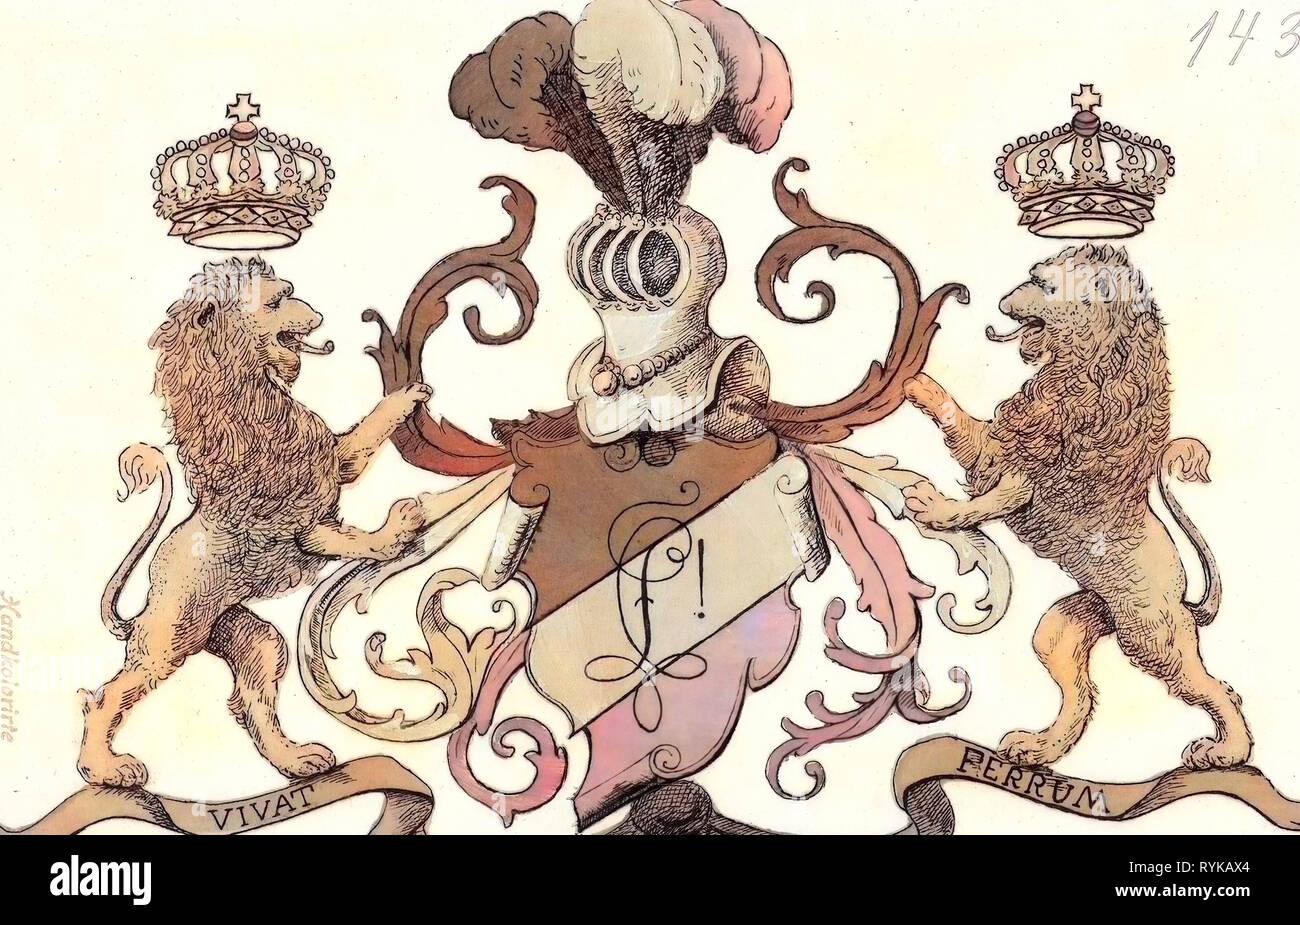 Gemälde, Mottos auf Schriftrollen, Armee von Sachsen, Tierced pro finsteren Schutzvorrichtungen verbiegen, Argent, Gules, Zobel in der Heraldik, 1900, Wappen Schützen Regiment, Deutschland Stockbild